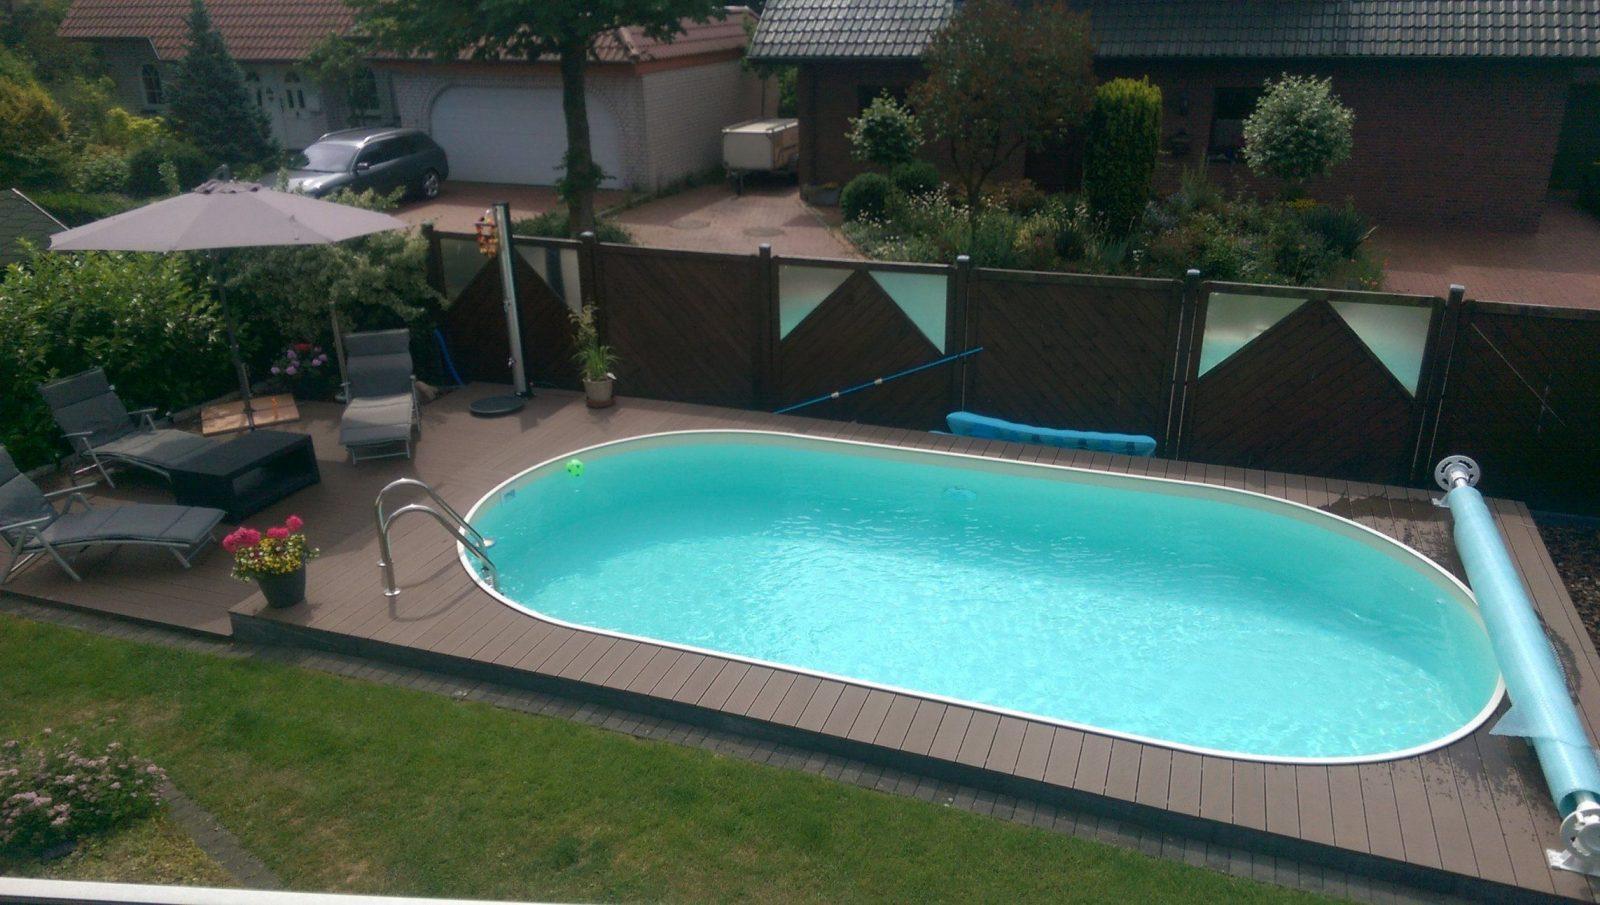 Verwunderlich Pool Selber Bauen Paletten Poolakademie Bauen Sie von Pool Aus Paletten Bauen Bild